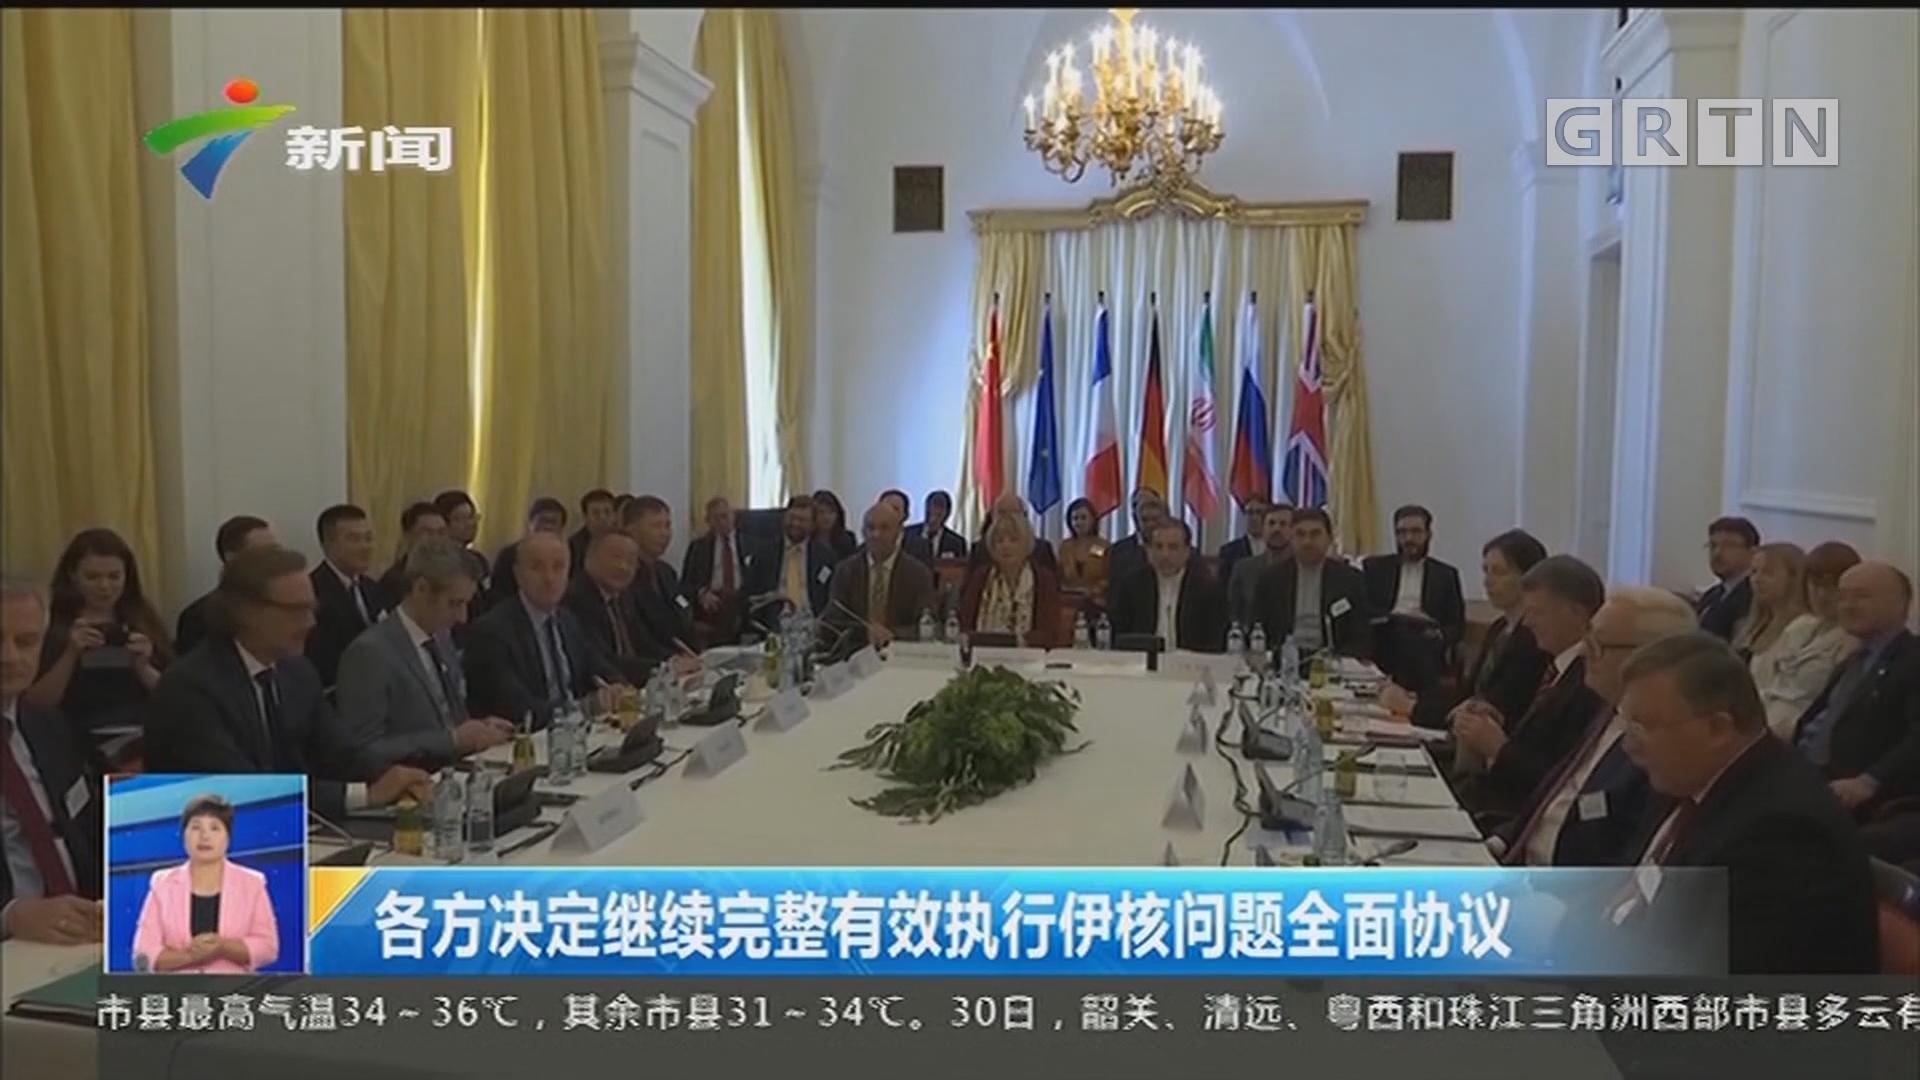 各方決定繼續完整有效執行伊核問題全面協議